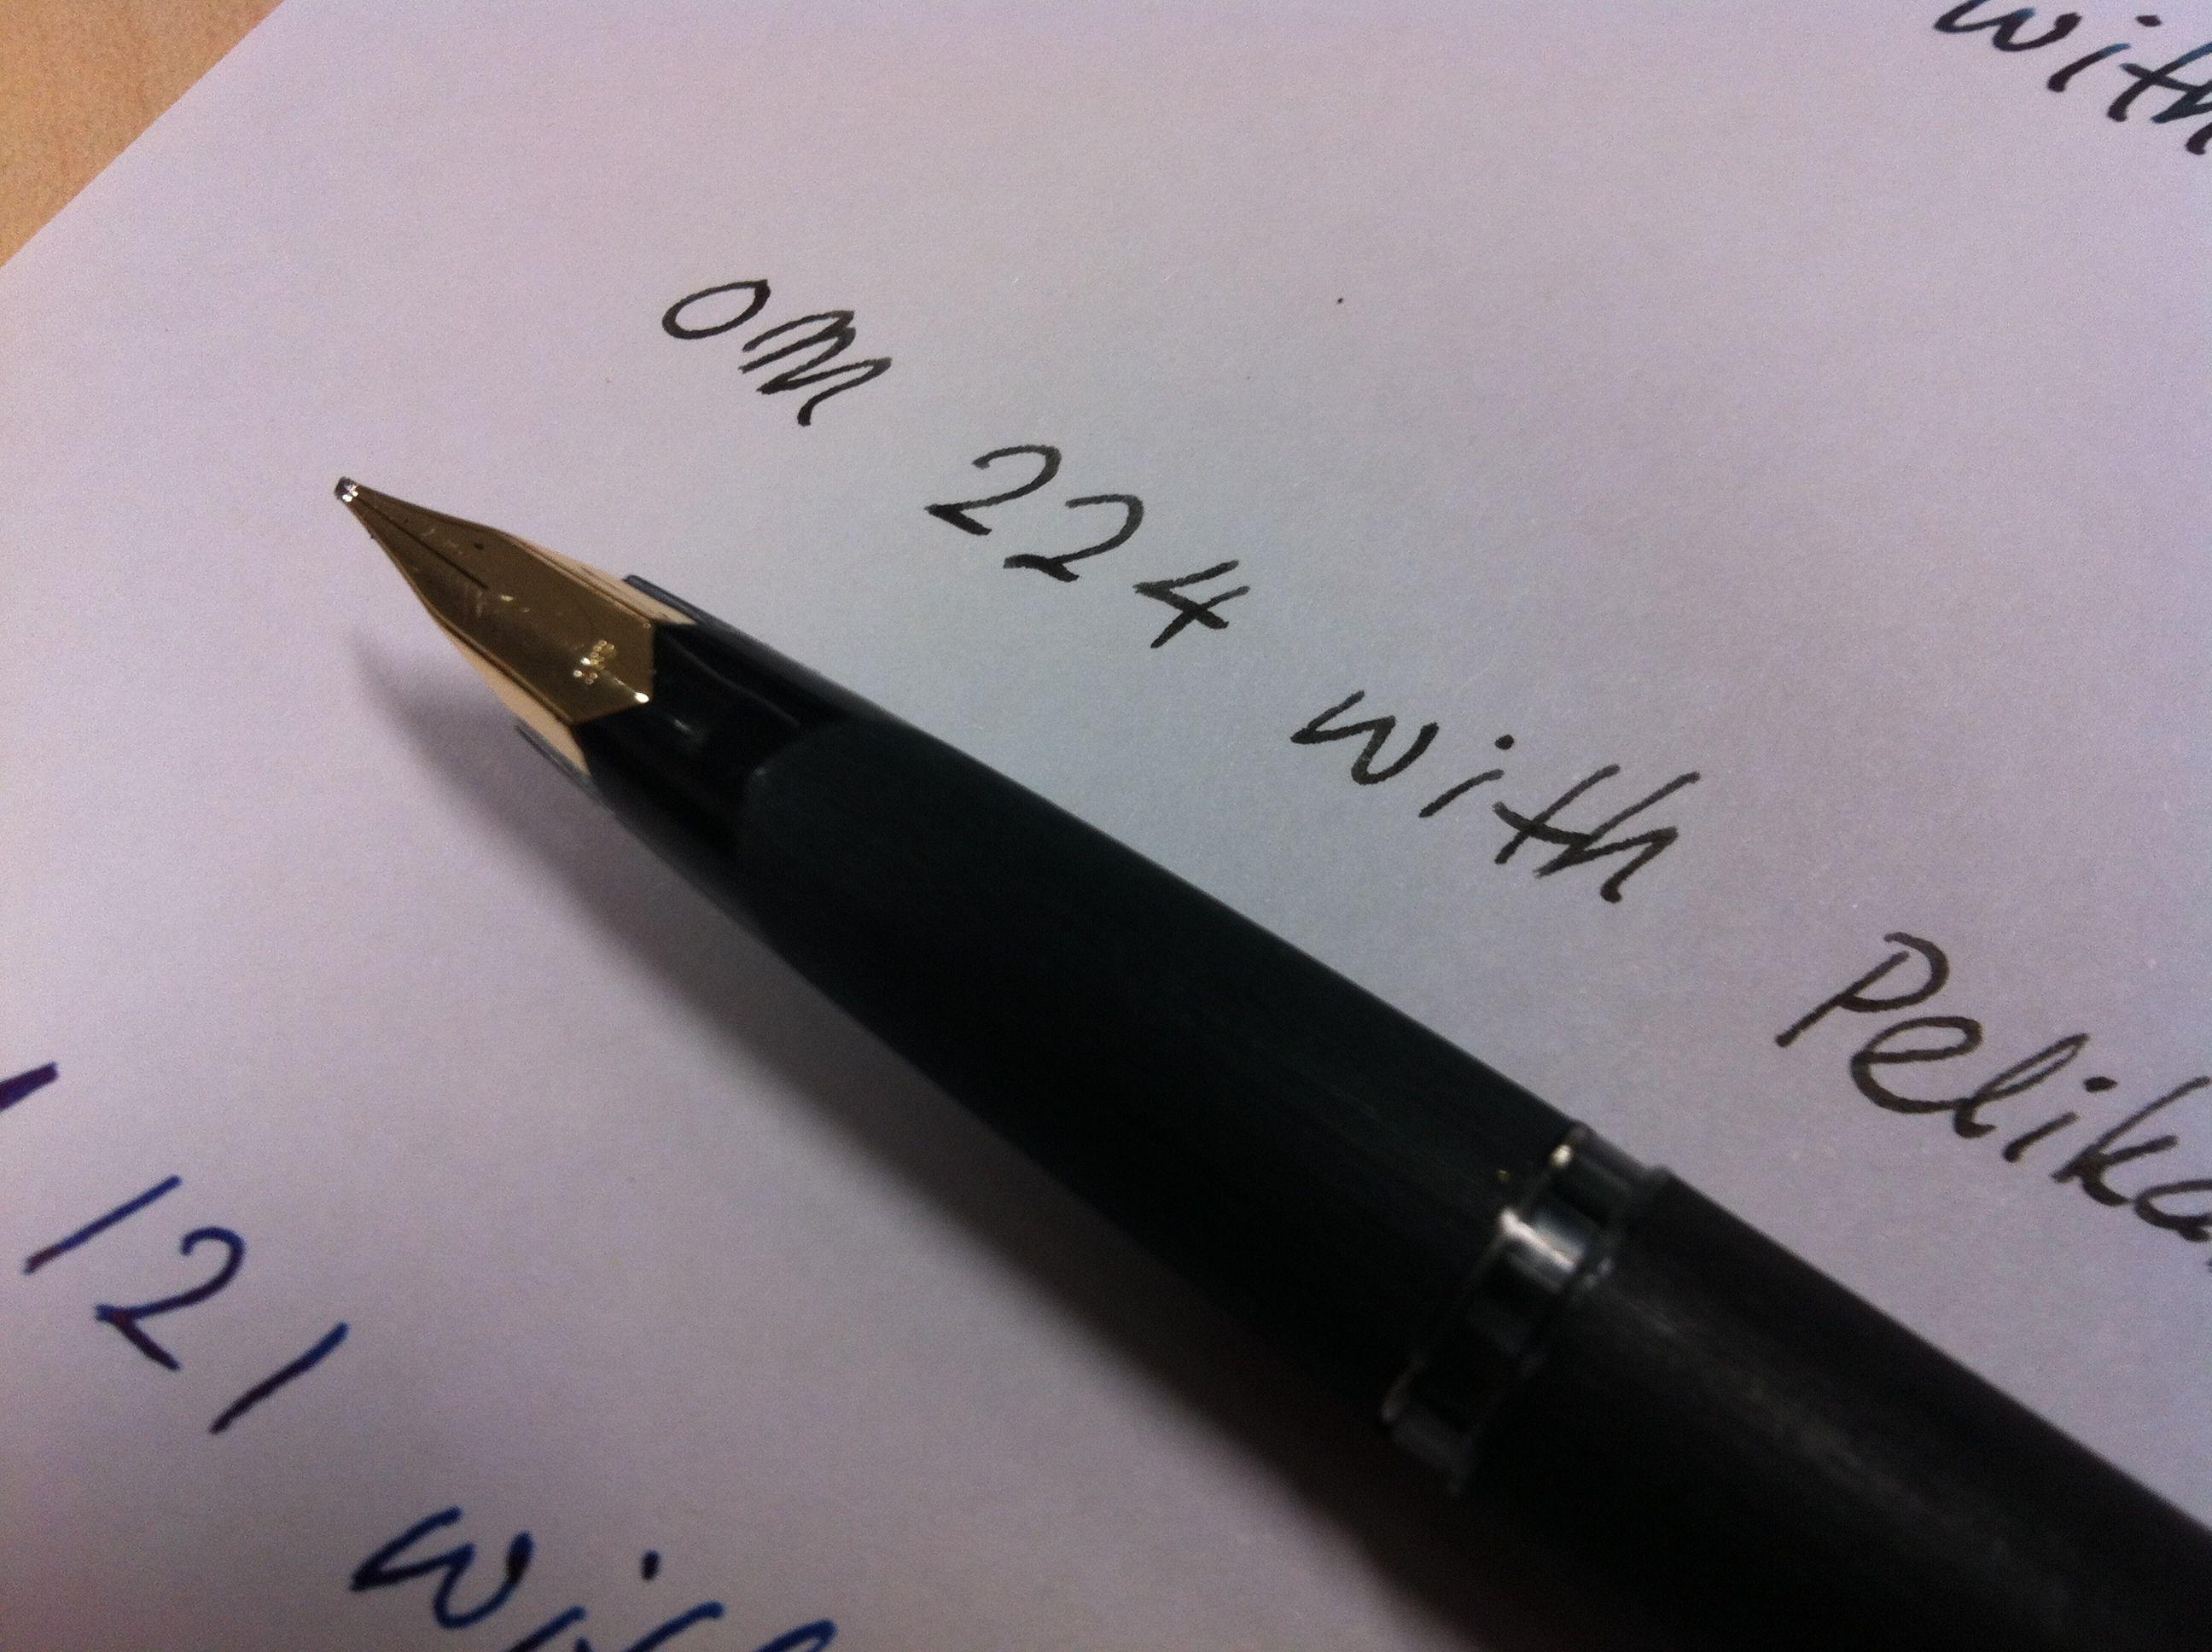 MB 224 OM nib.jpg